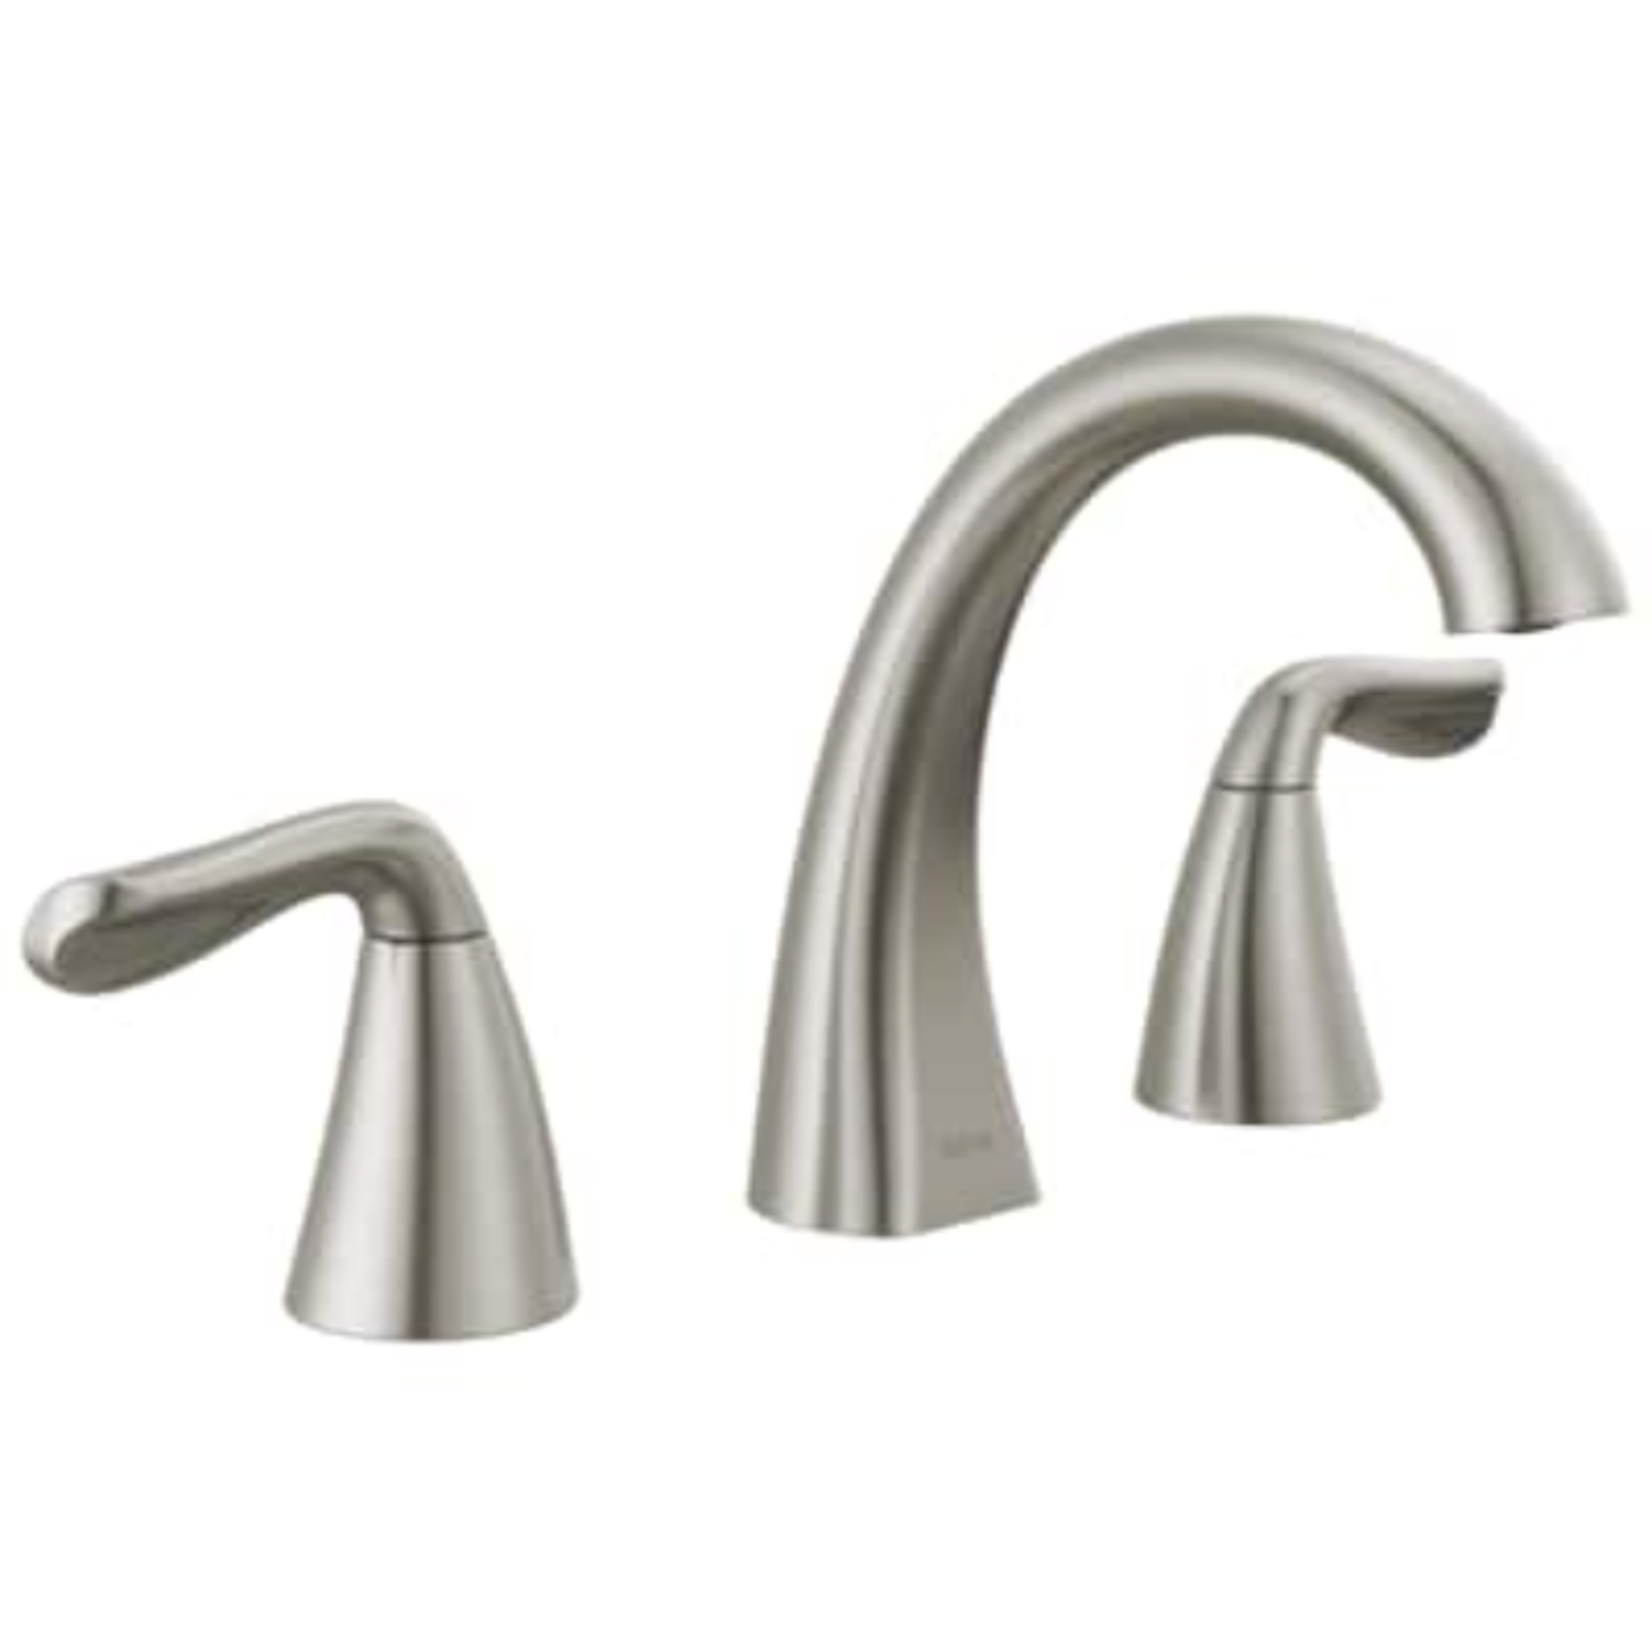 10394 Delta Arvo Widespread Sink Faucet